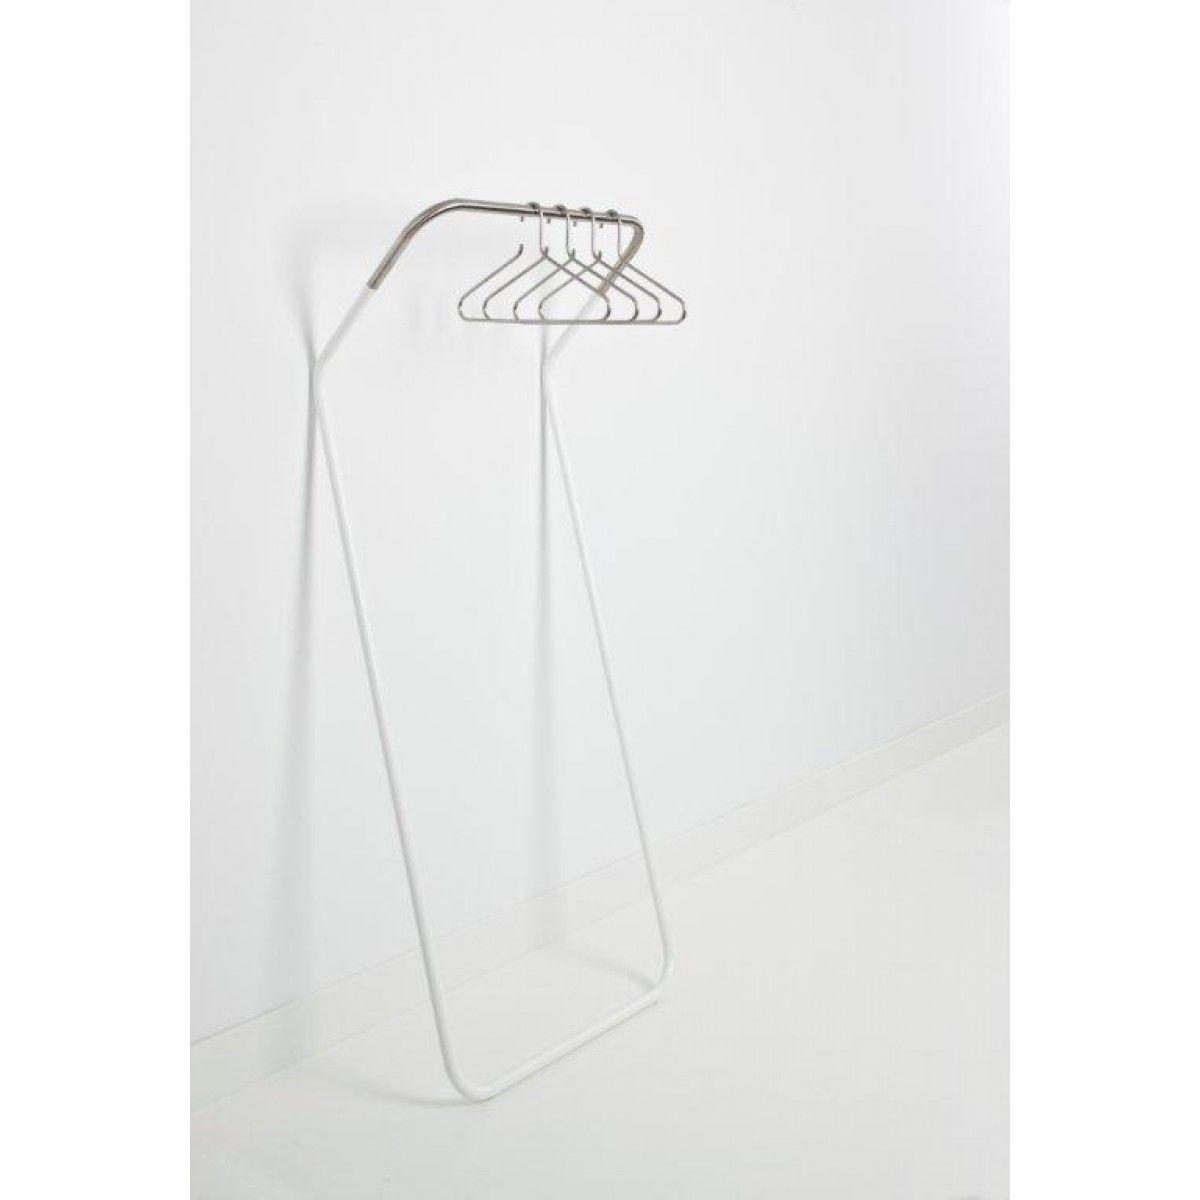 Lean on Garderobe Cascando - einrichten-design.de